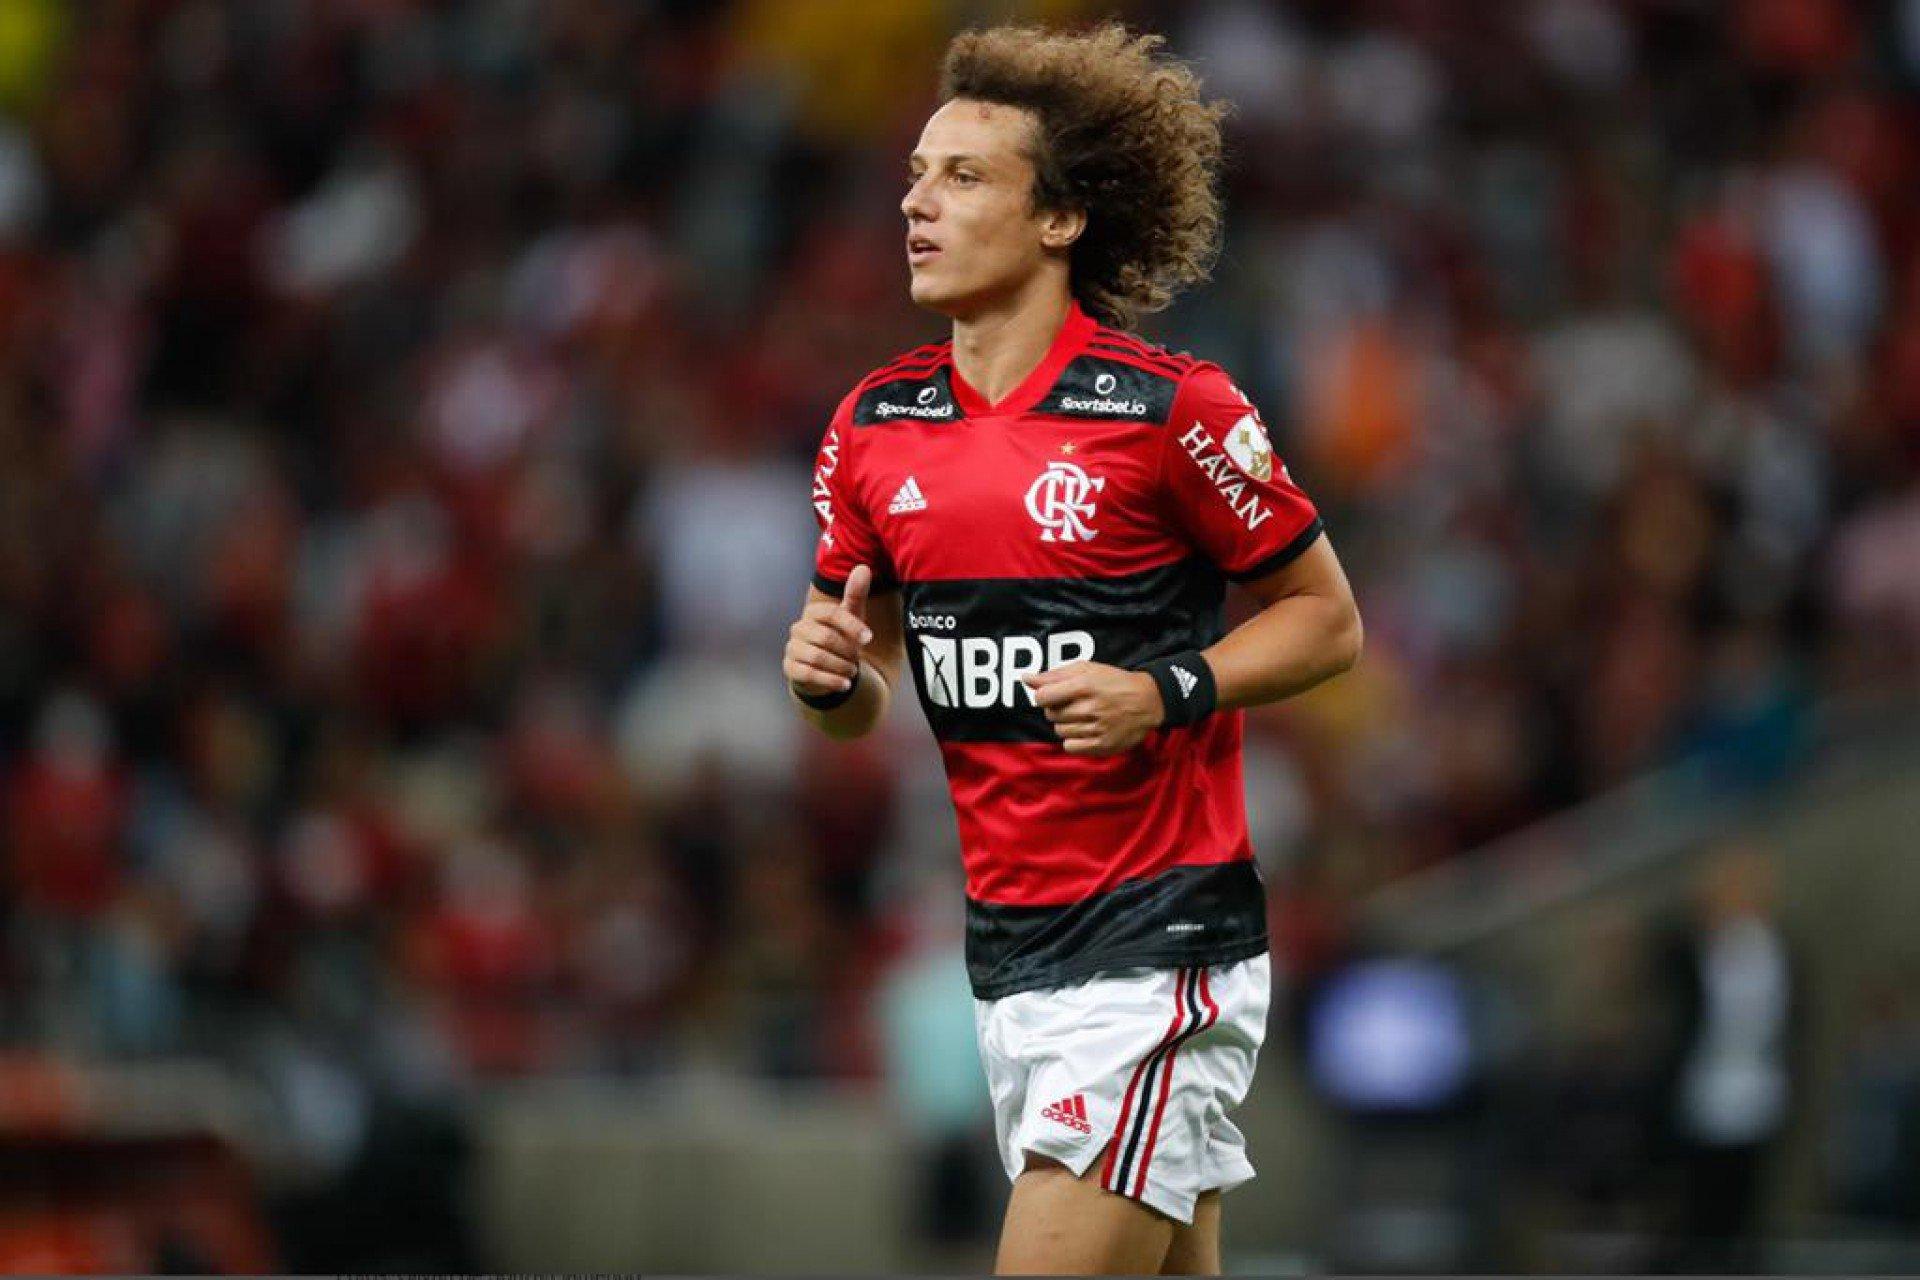 David Luiz doa camisa autografada do Flamengo para leilão beneficente